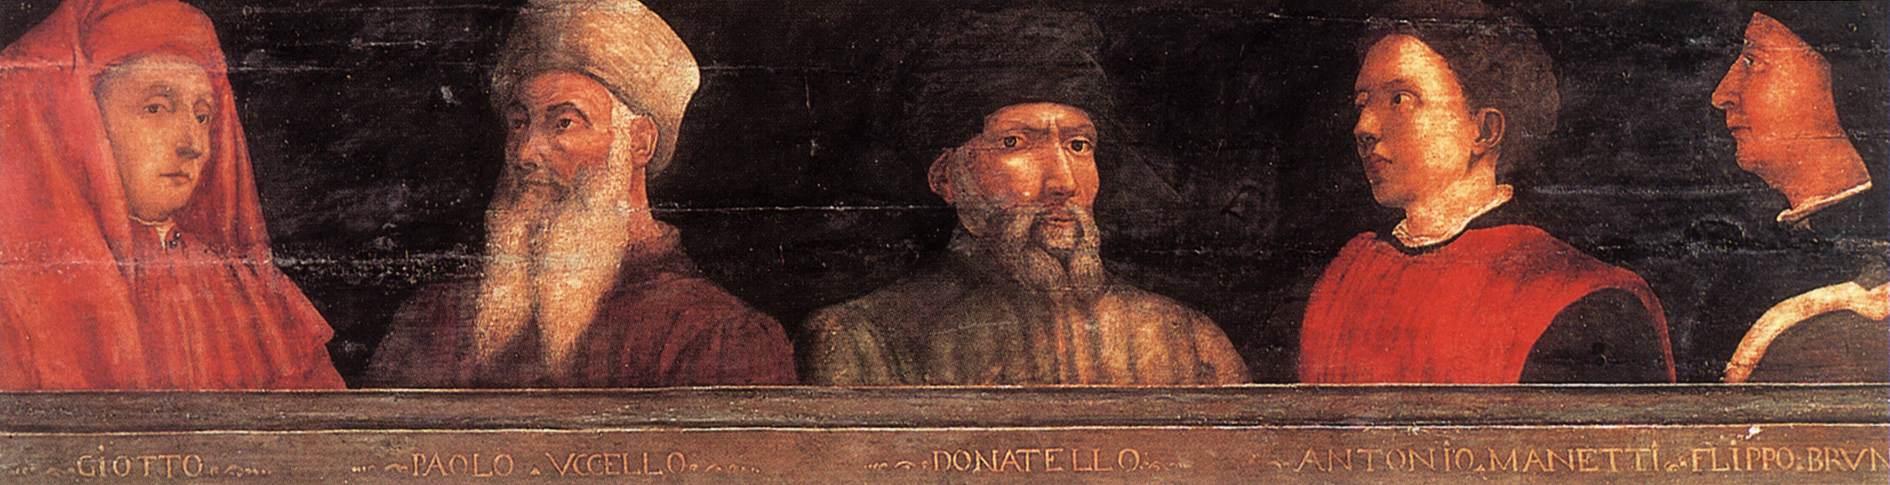 14 Paolo Uccello, Cnque maestri del Rinascimento fiorentino2